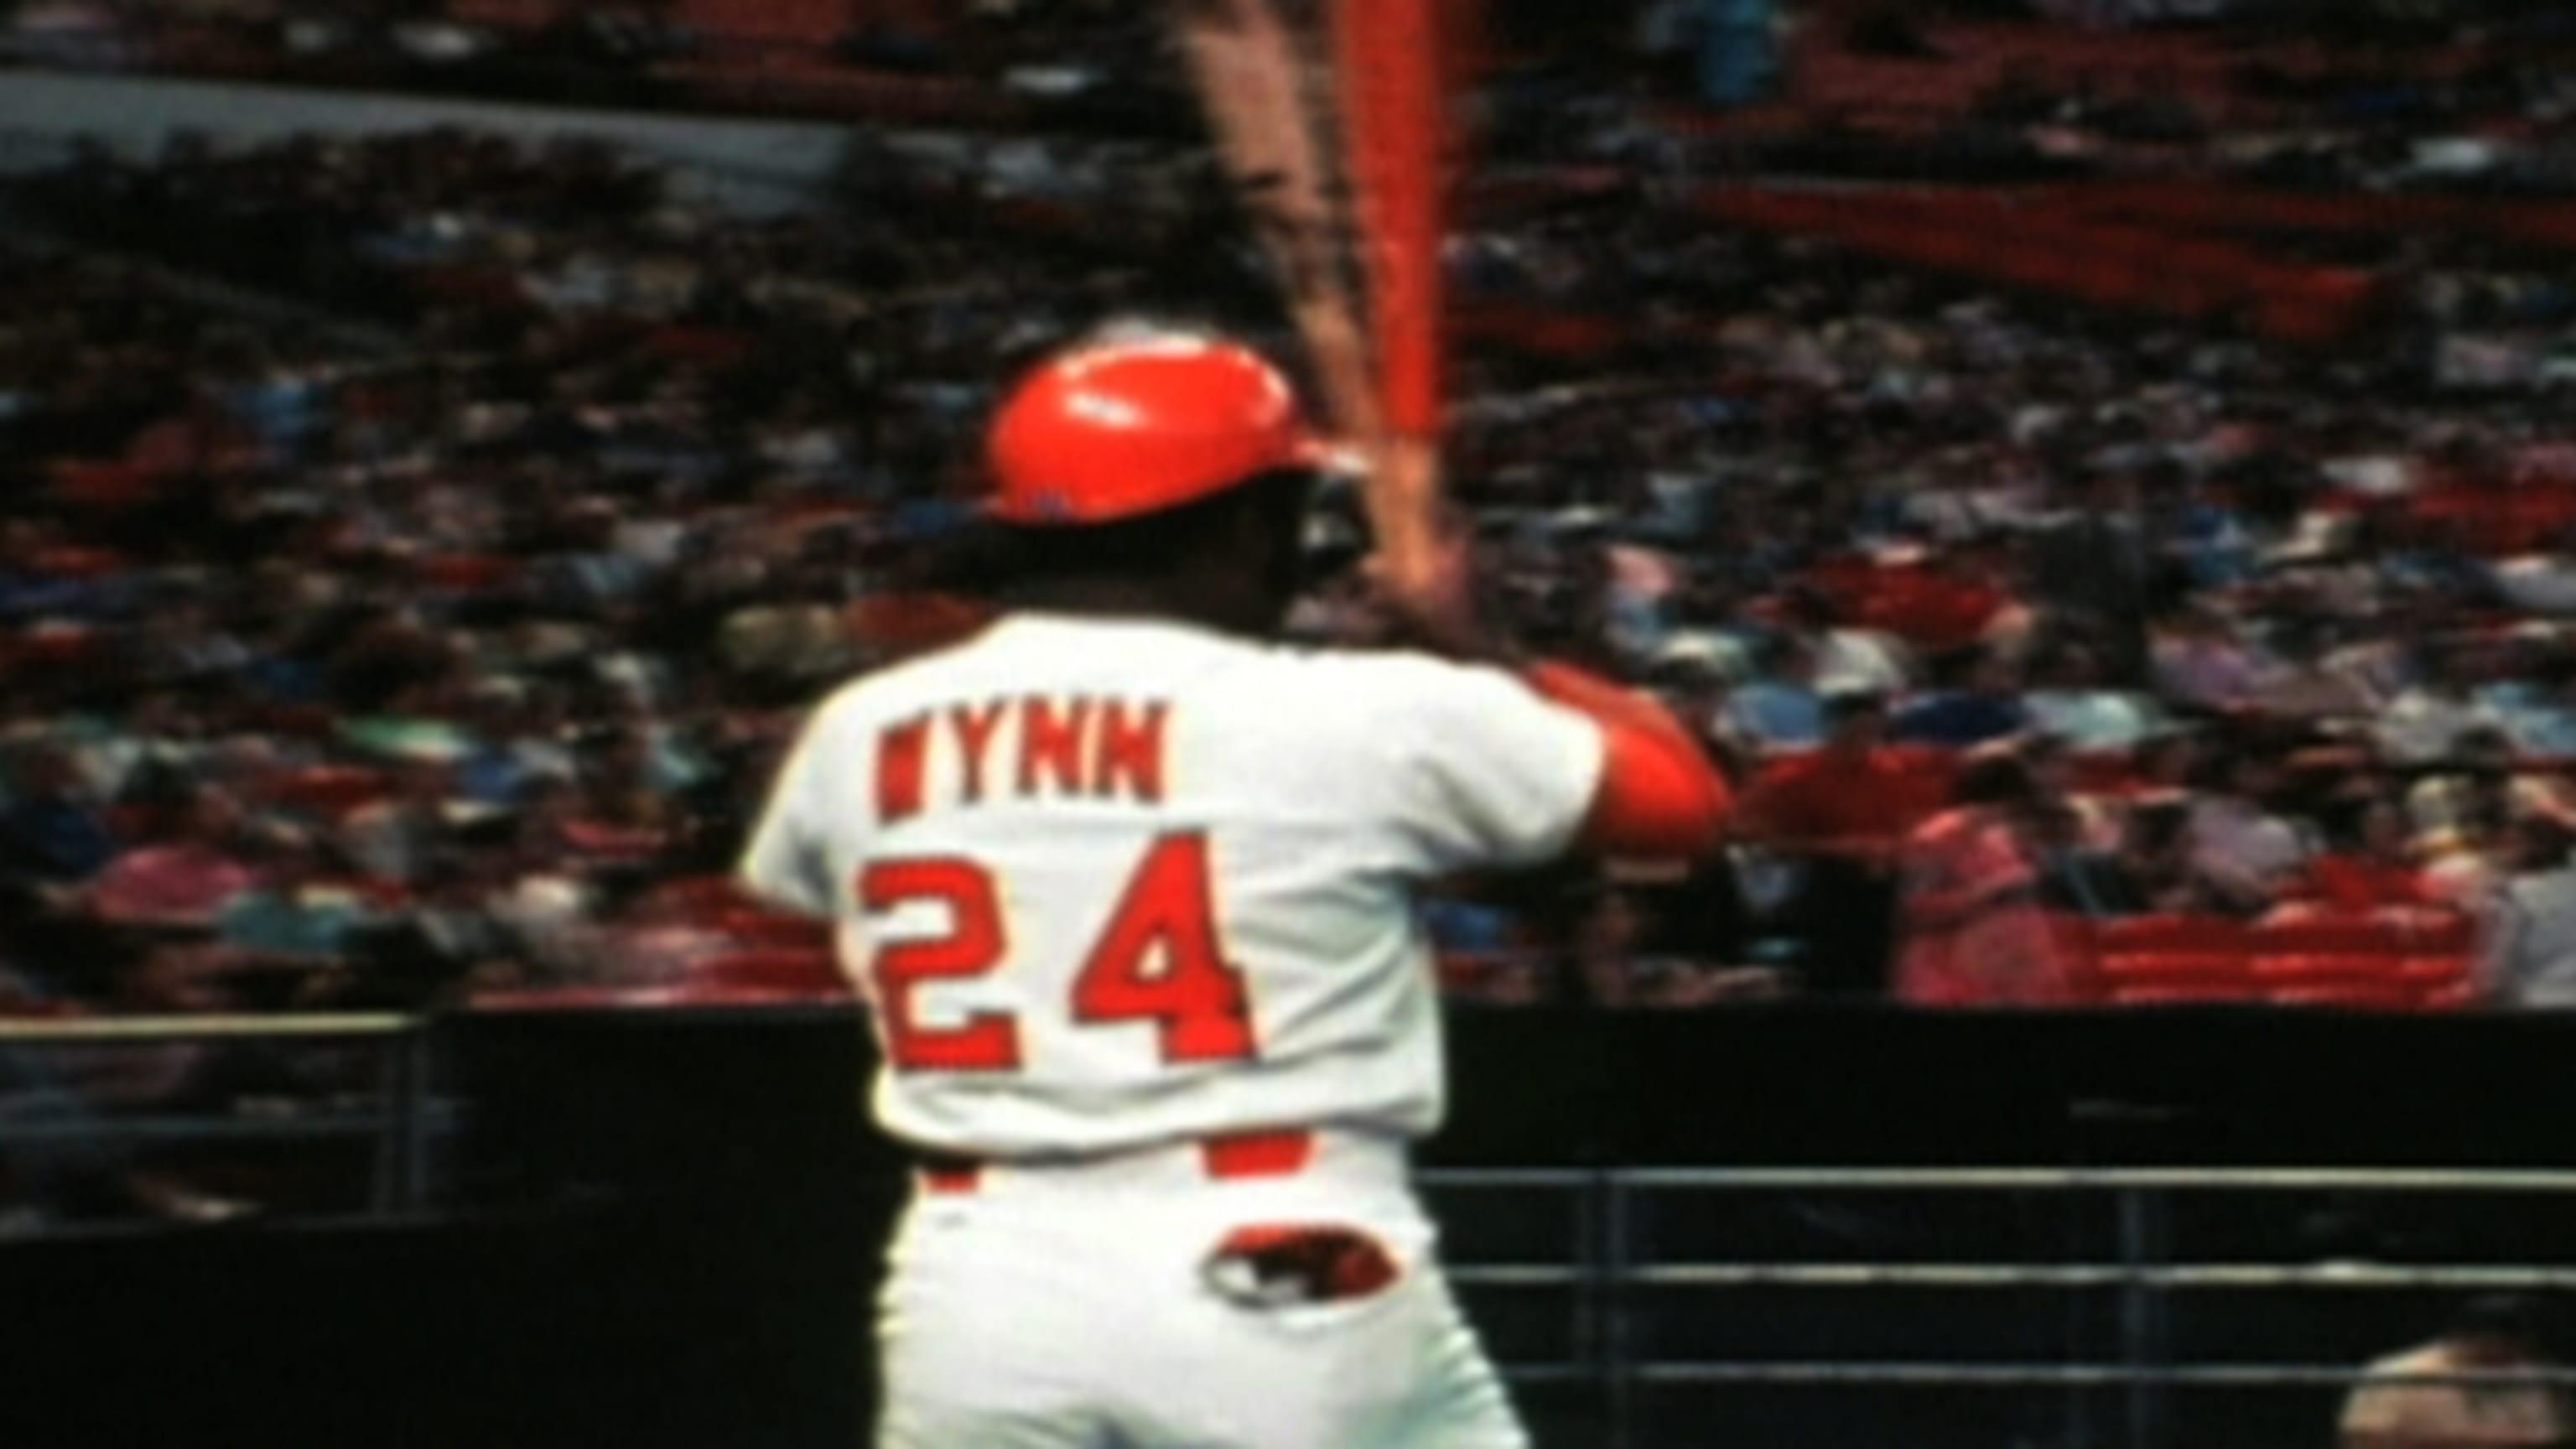 Astros: Jimmy Wynn, No. 24